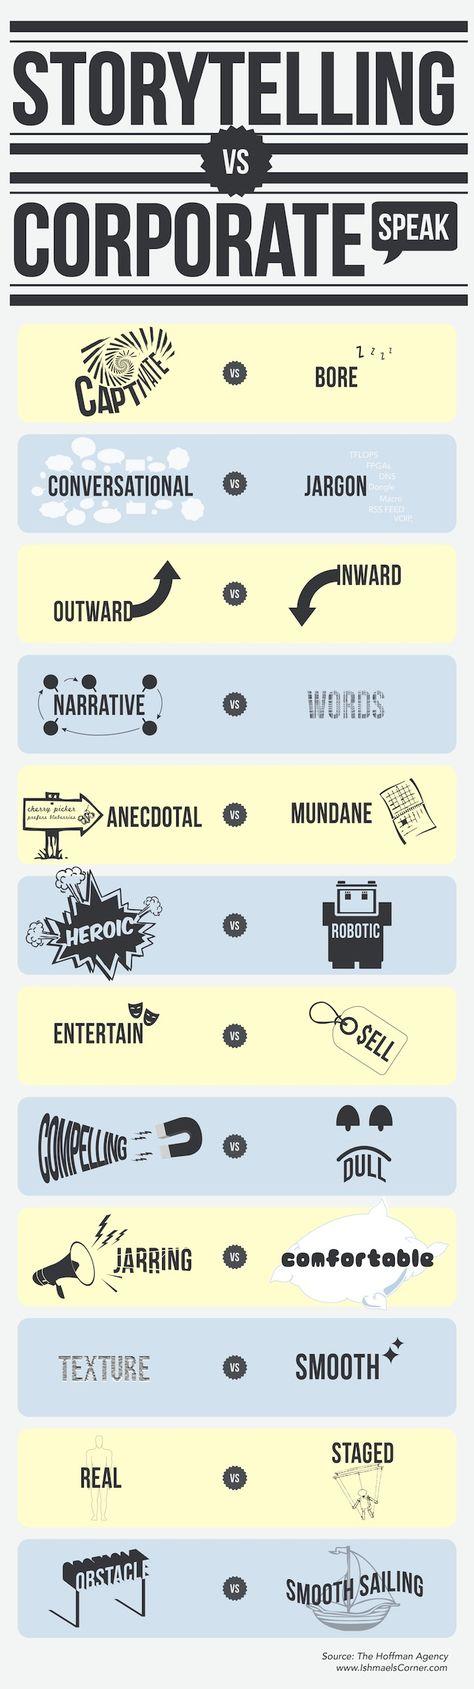 New Storytelling versus Corporate Speak